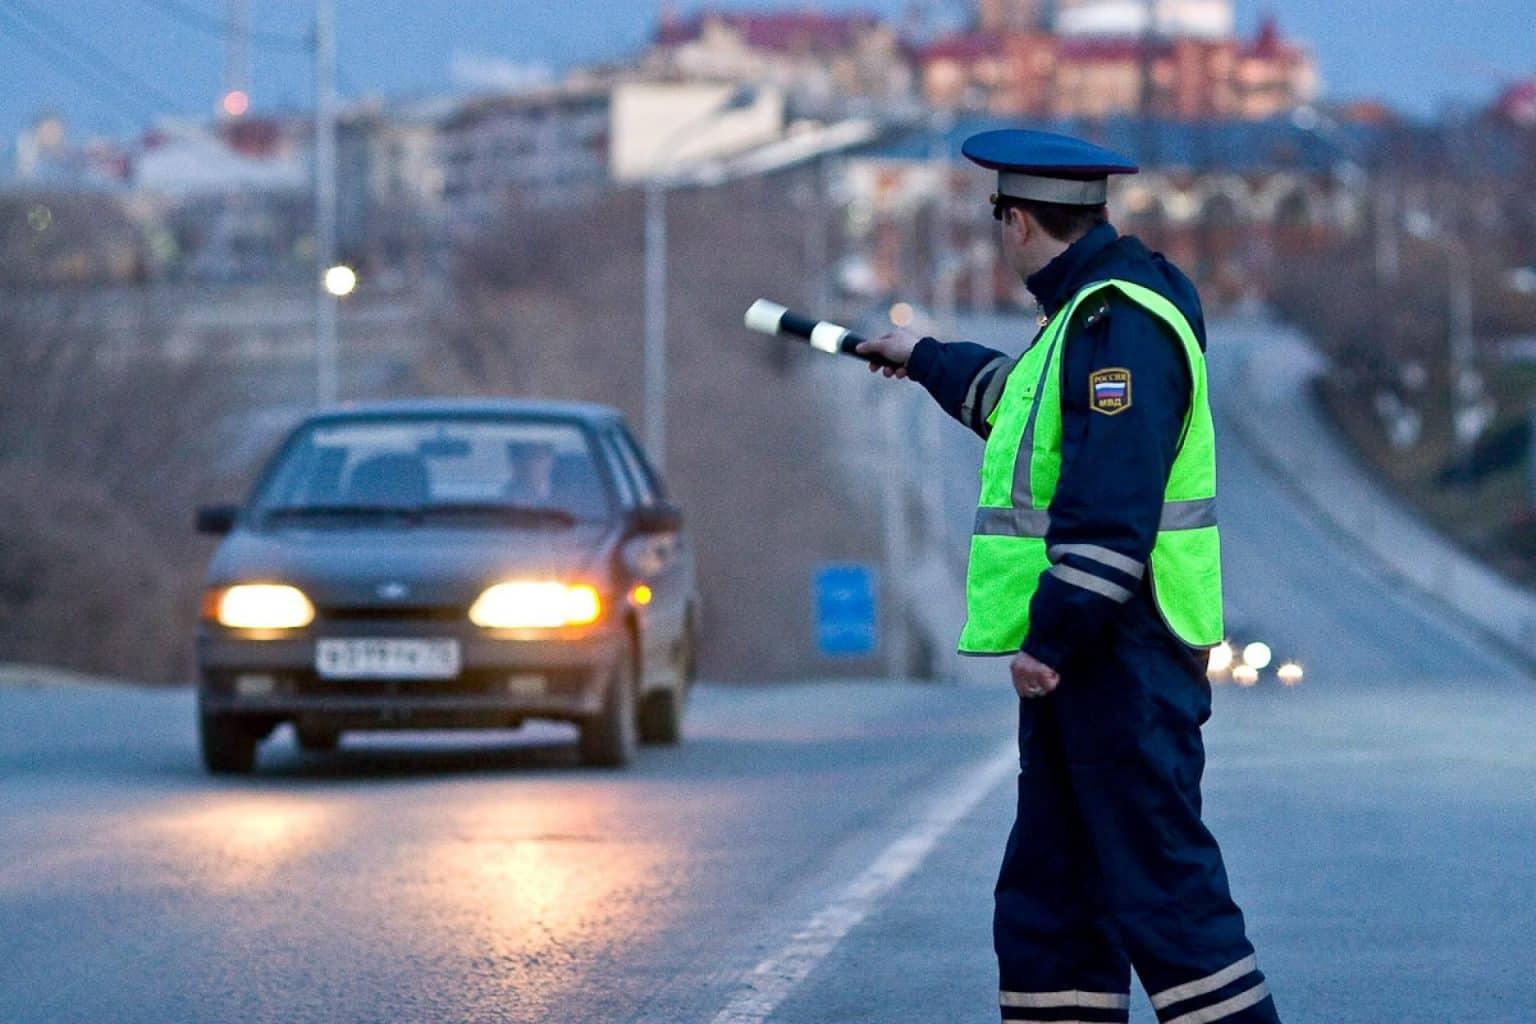 За включение аварийки в знак благодарности, можно получить штраф